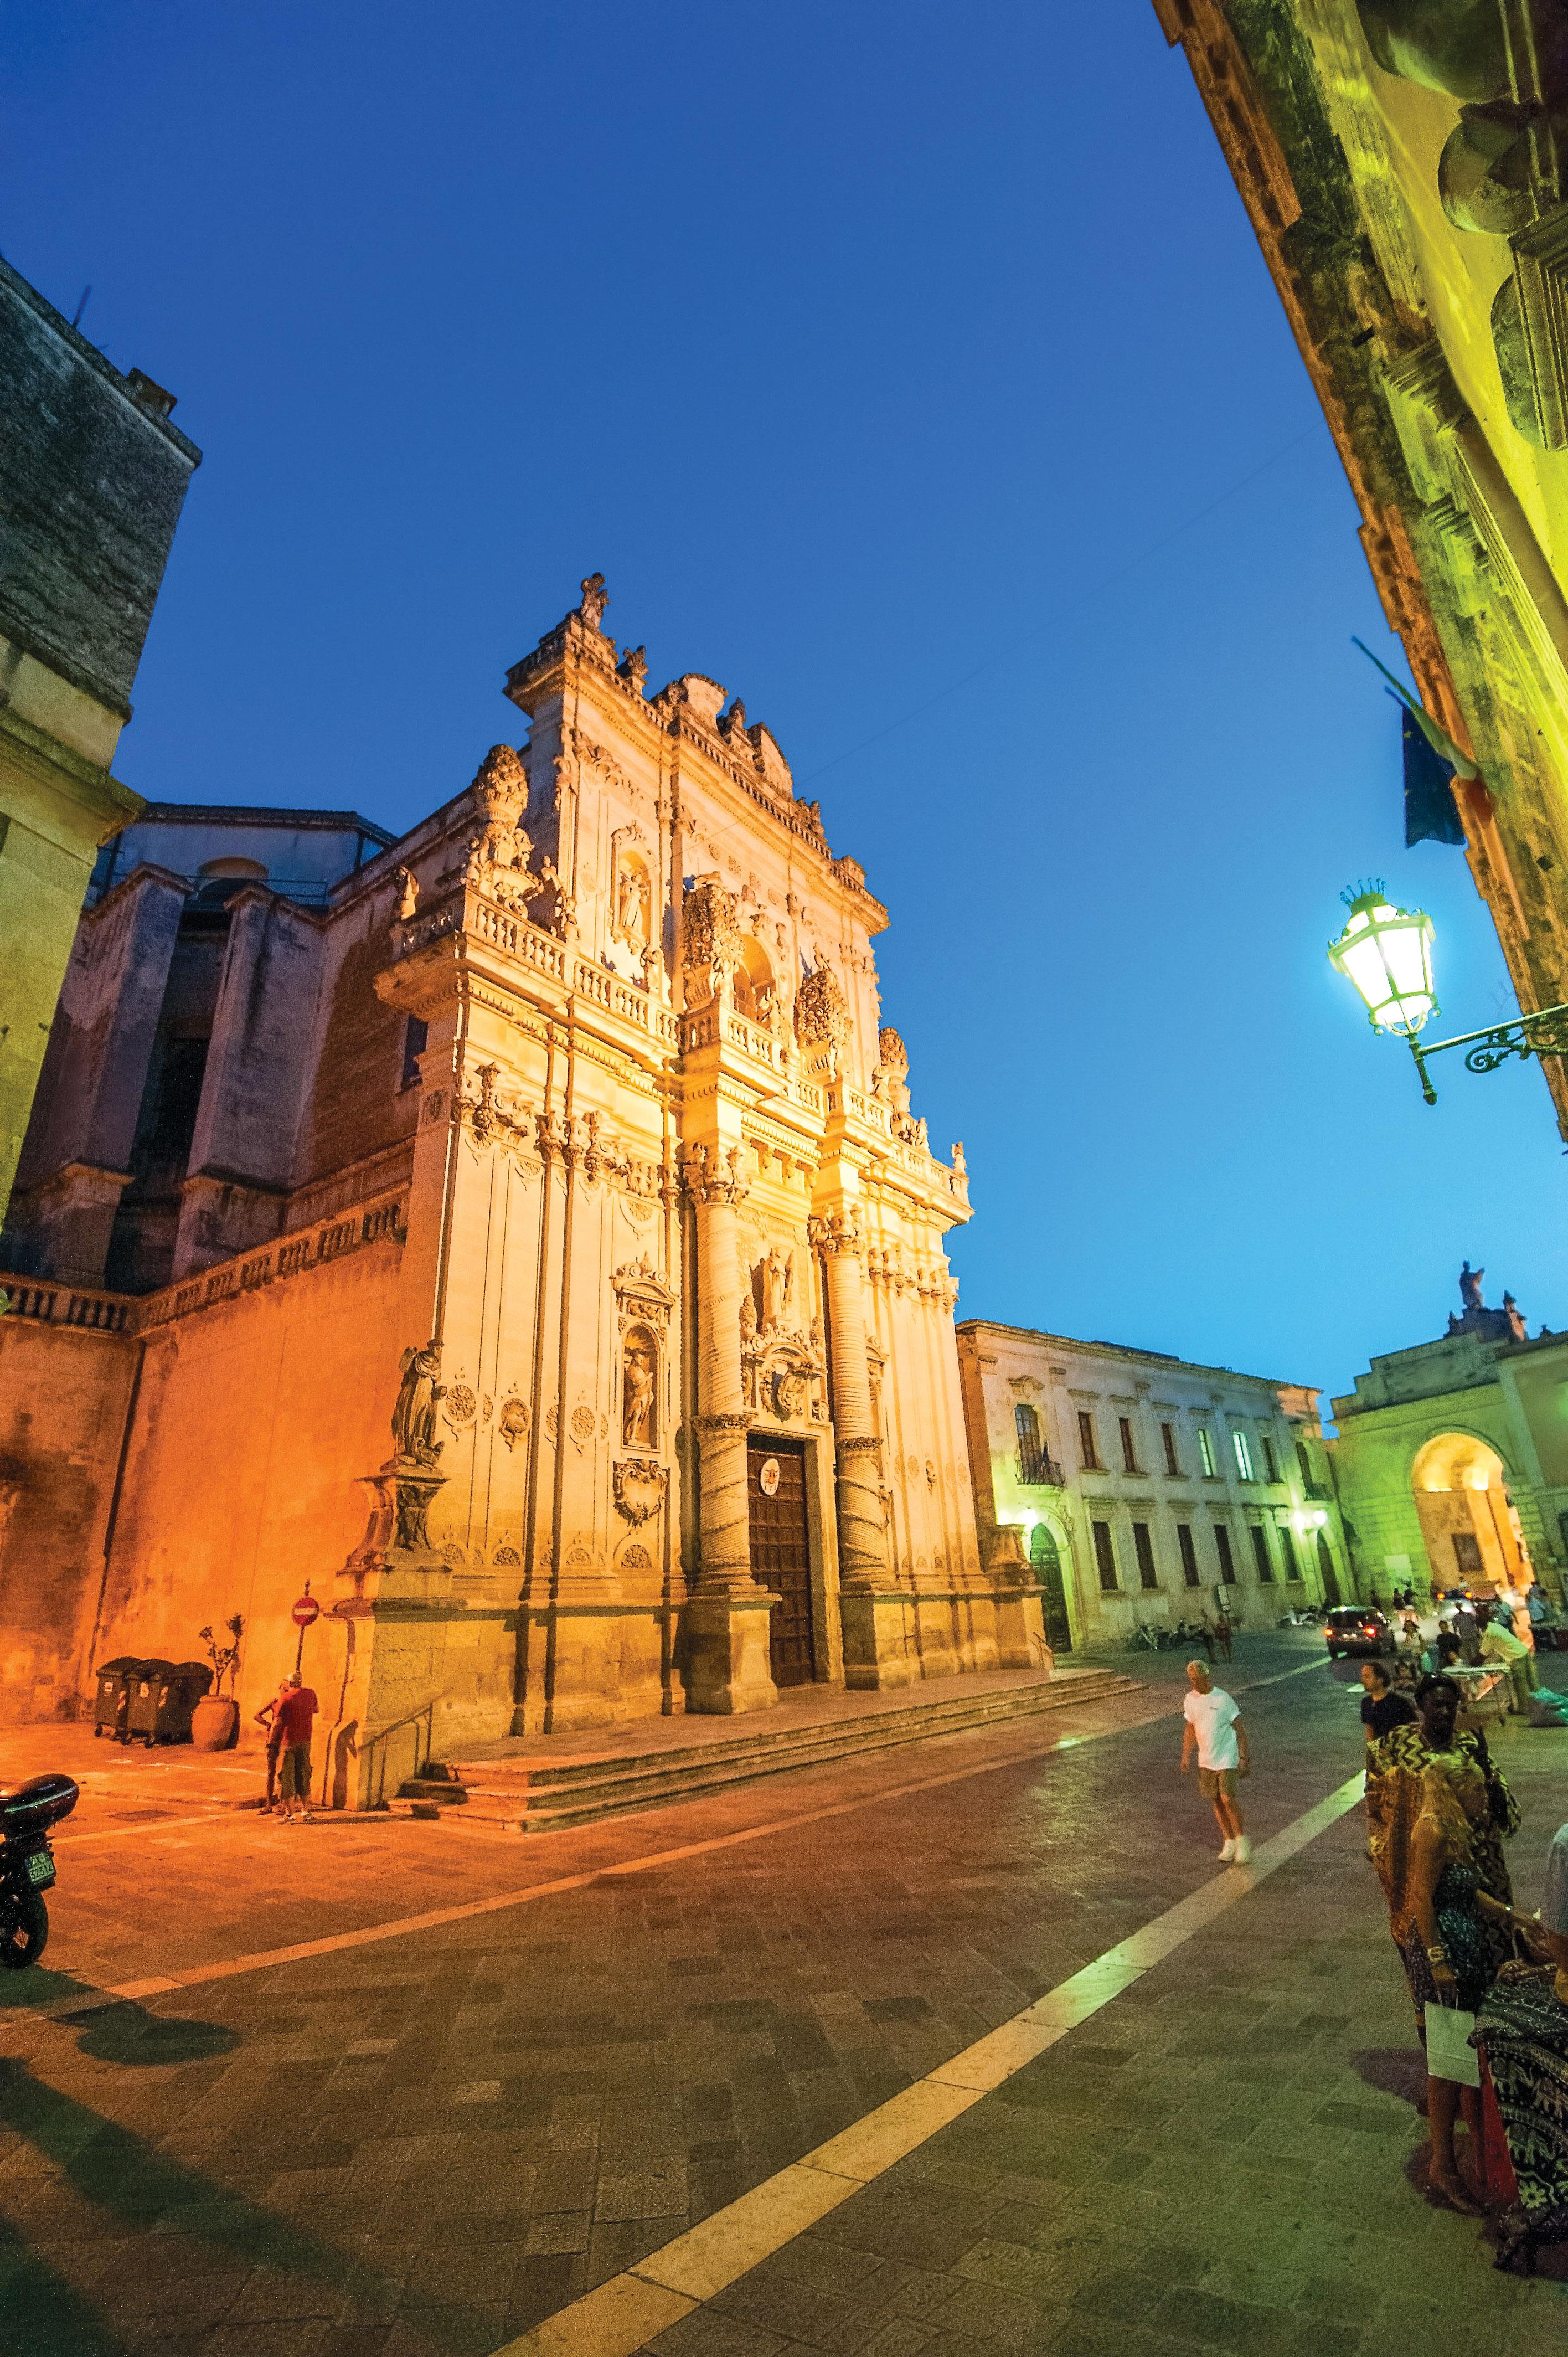 Igreja em estilo barroco iluminada com luzes, no cair da noite em Lecce